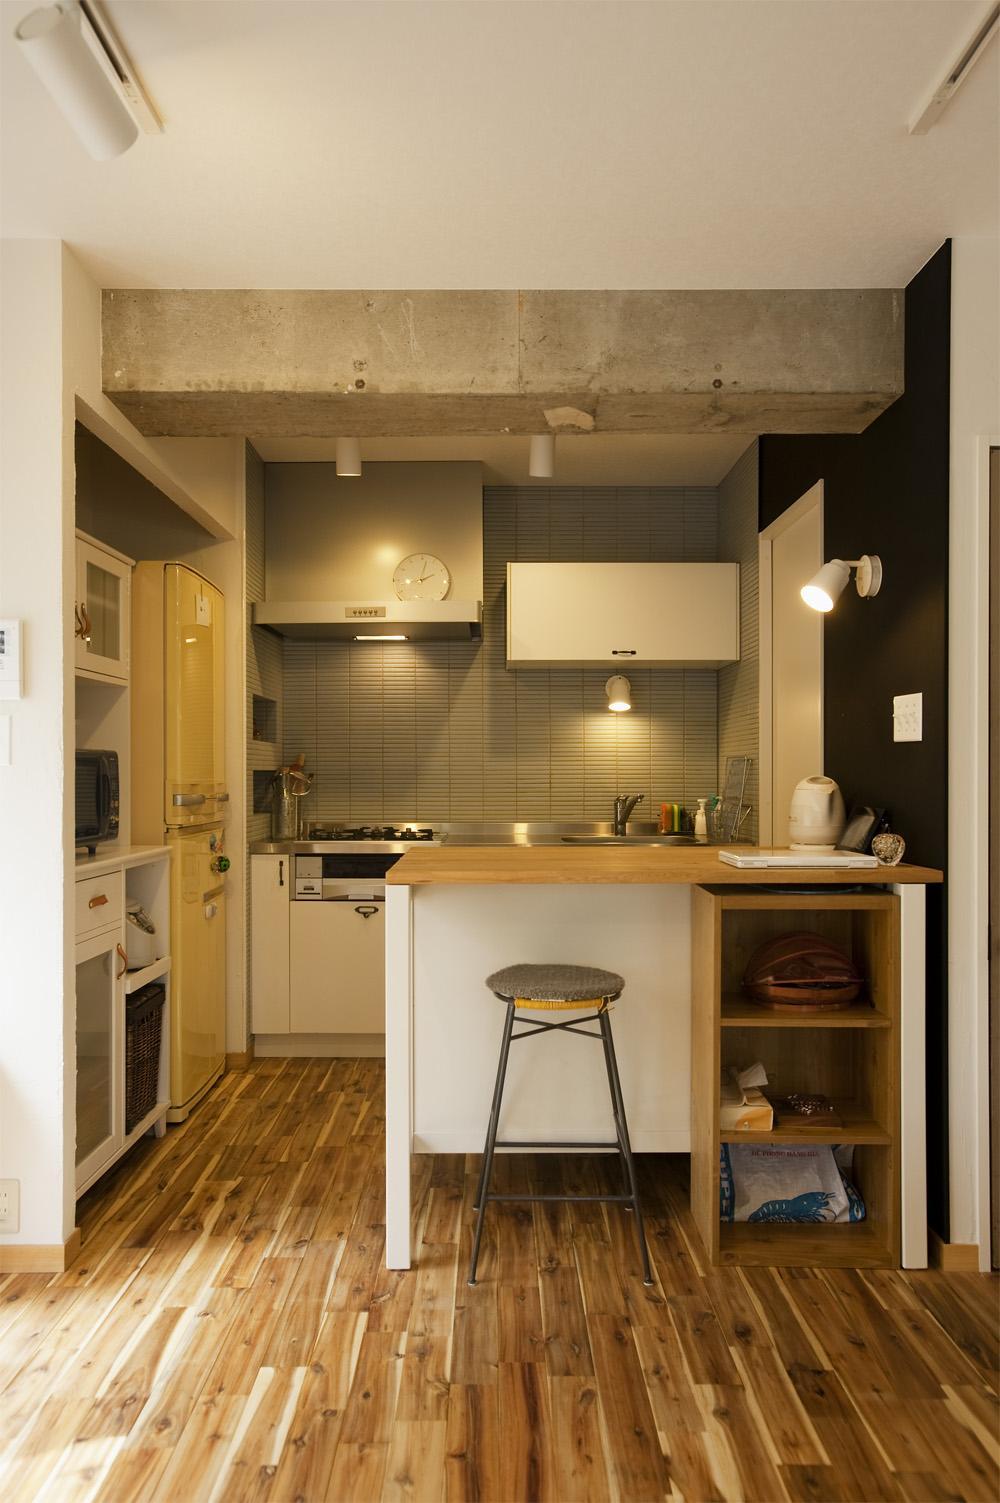 H邸・ハンモックのゆれる、光と風のリビングの部屋 クールなキッチン